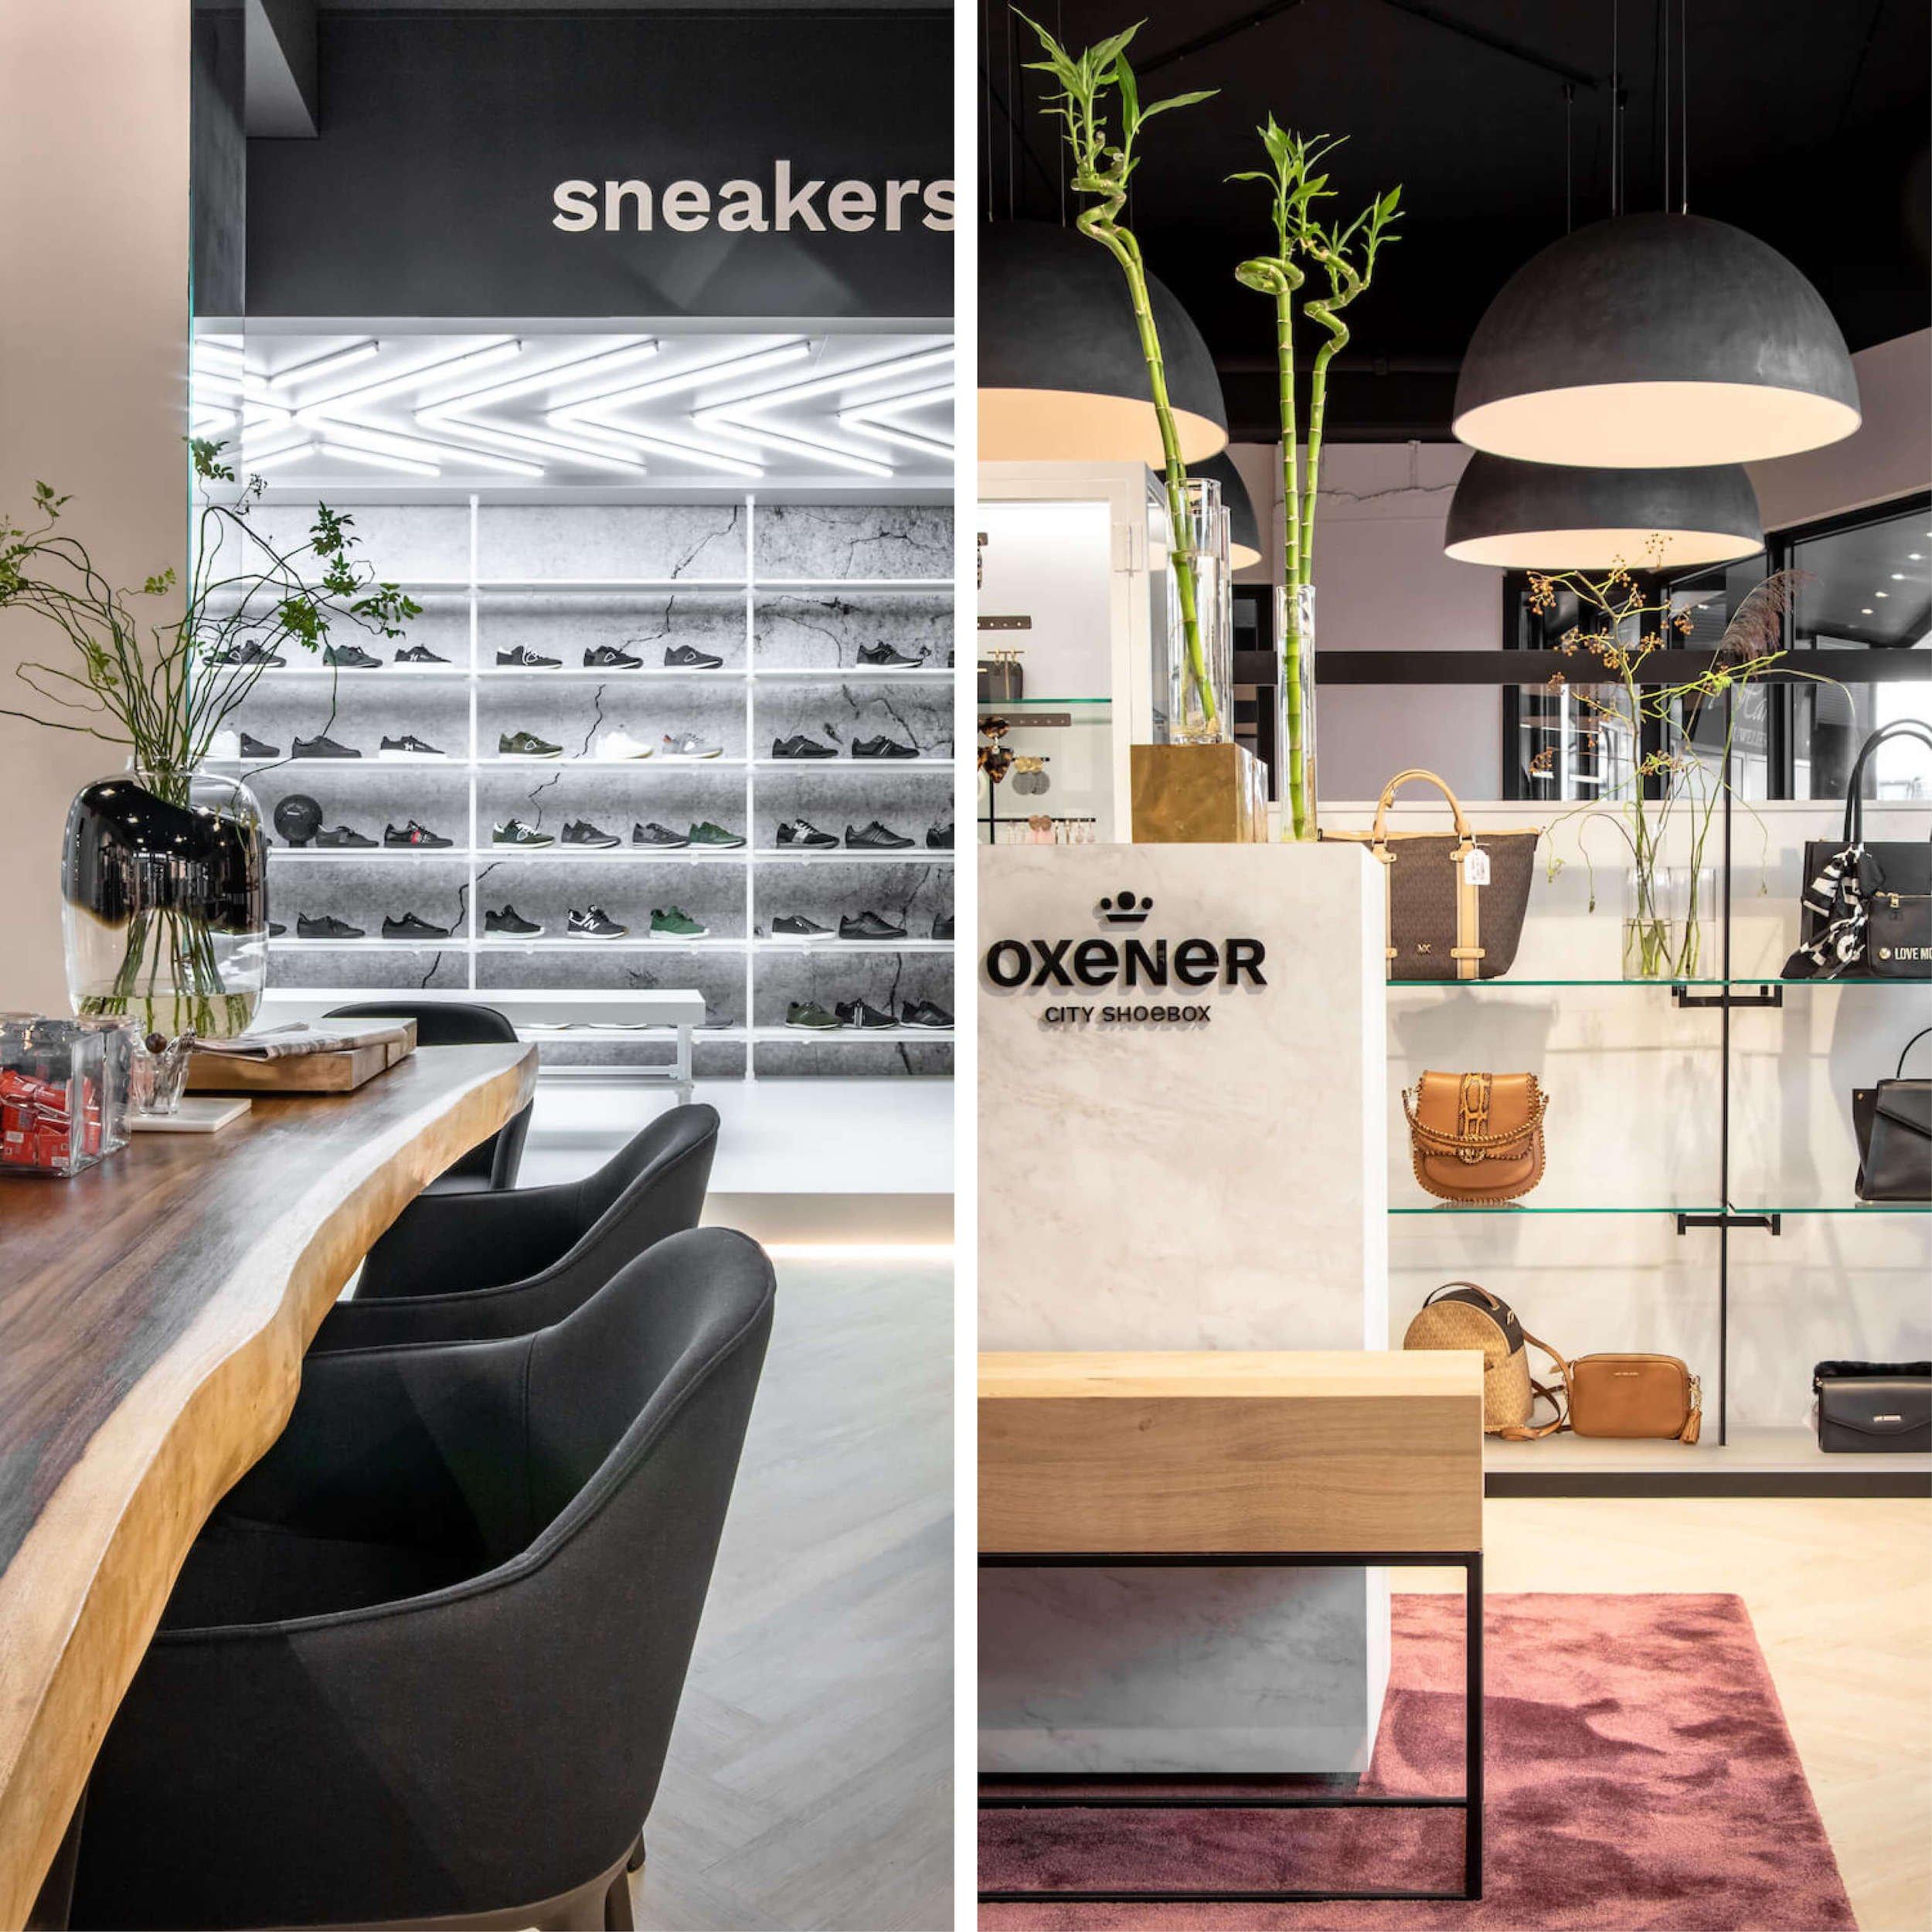 Winkelinterieur van Oxener schoenen